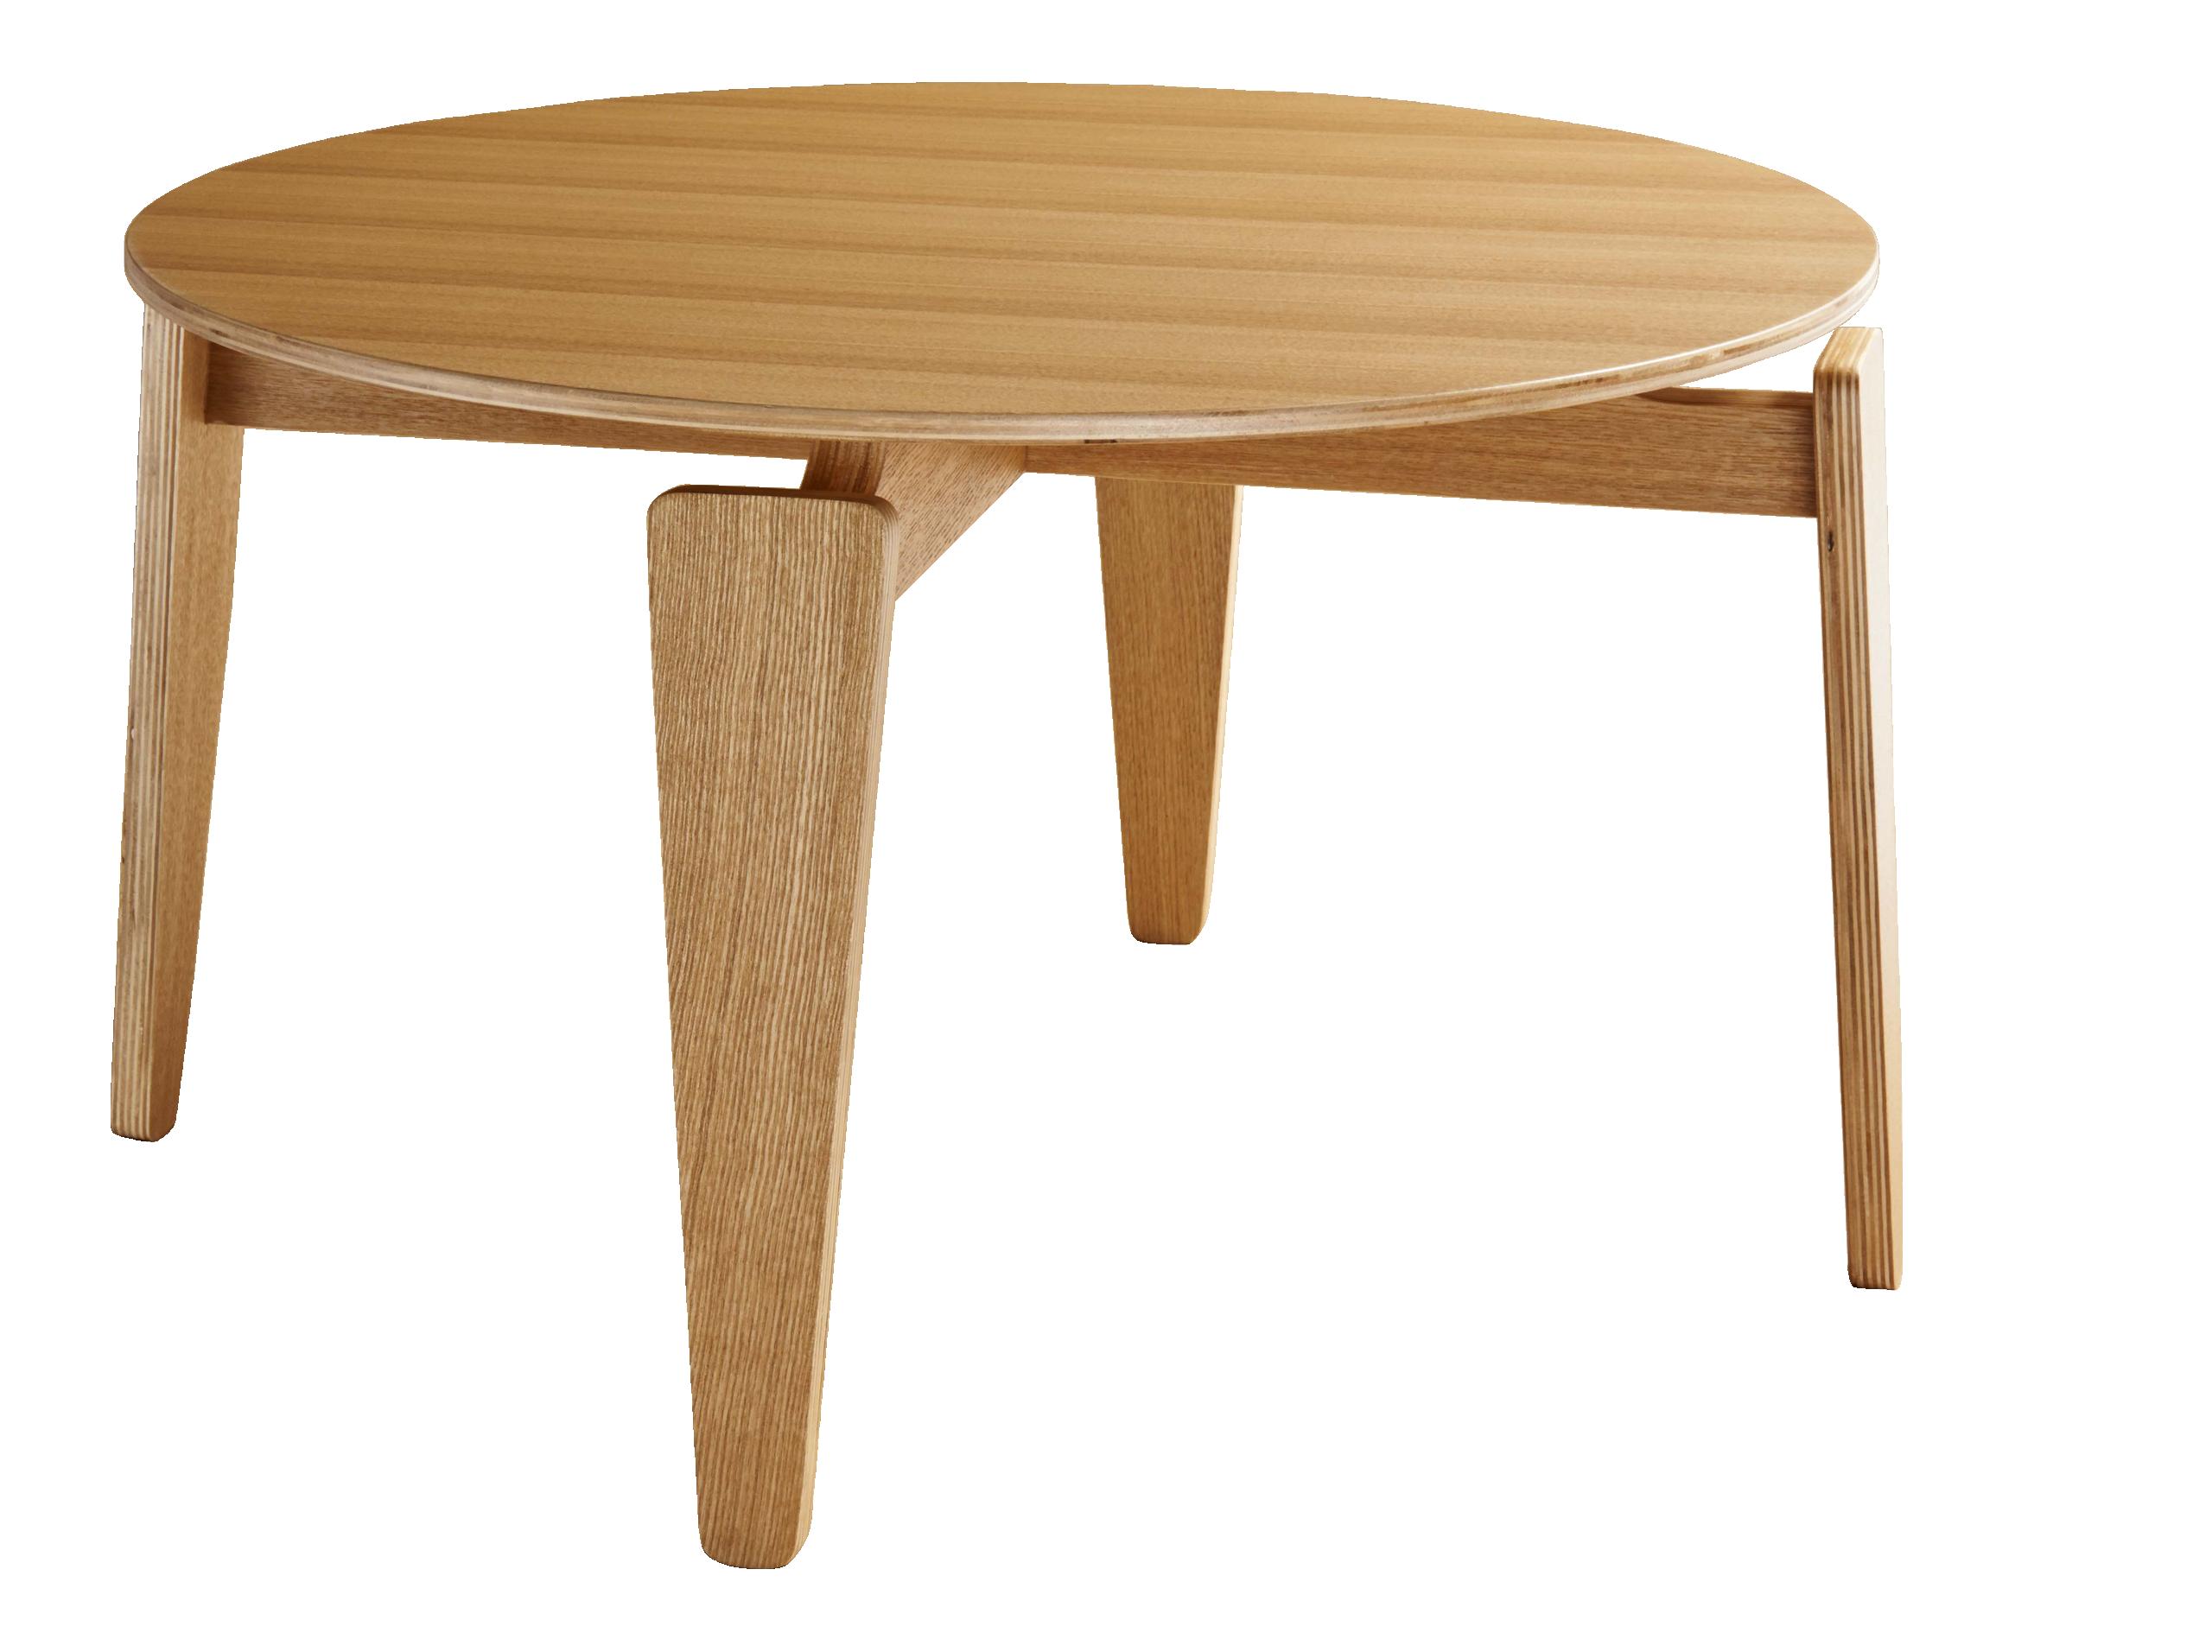 Cecil mesas de centro natural maderahabitat 169 arquitectura dise o de muebles mesas mesas - Mesas de arquitectura ...